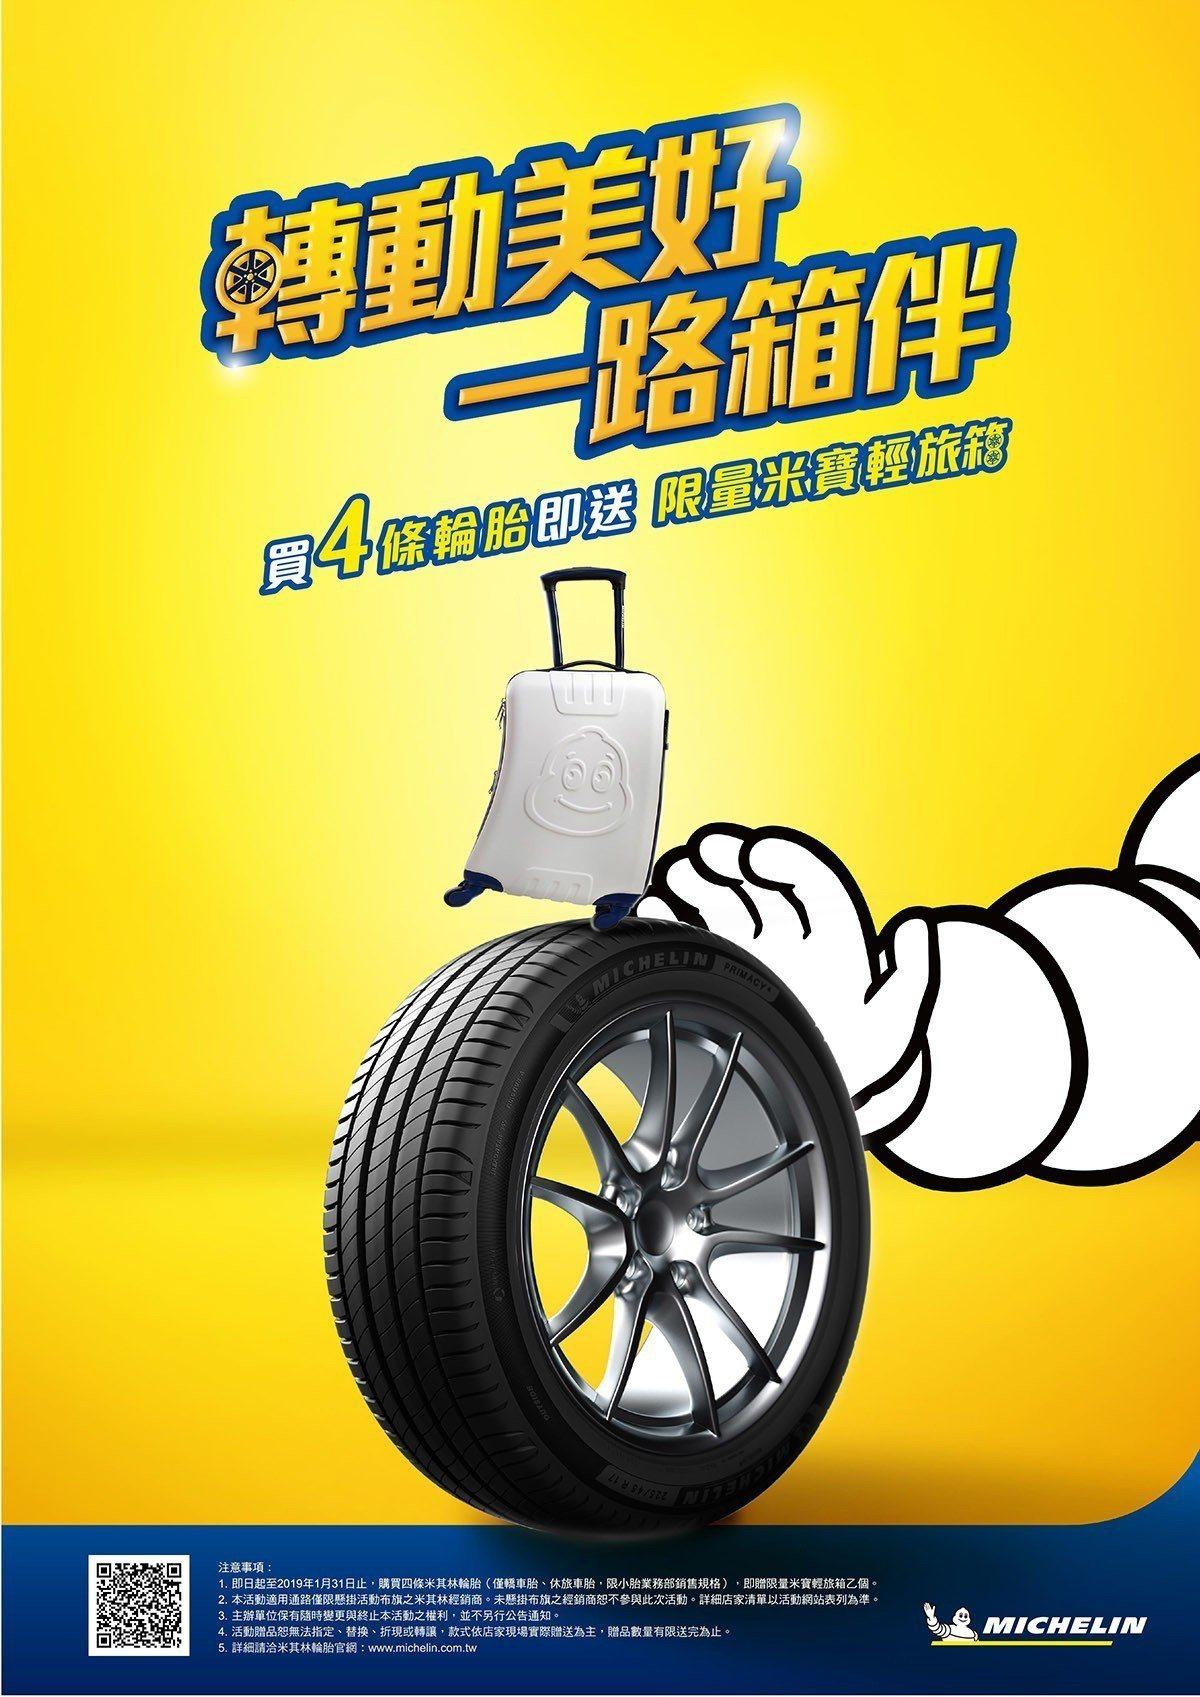 台灣米其林即日起至2019年1月31日推出「轉動美好,一路箱伴」,前往指定米其林...